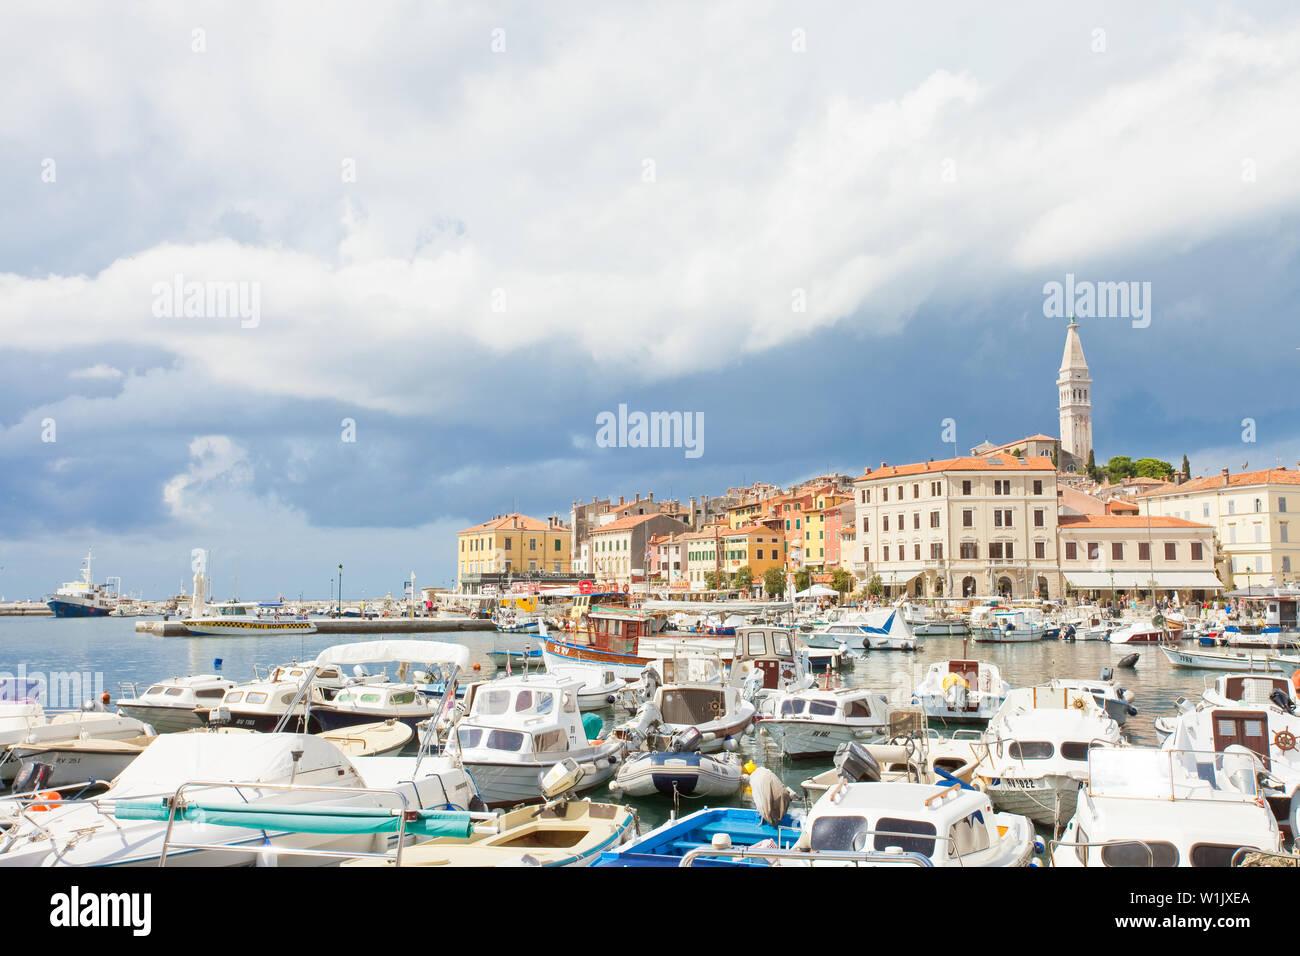 Rovinj, Kroatien, Europa - September 2, 2017 - viele Motorboote am Hafen von RovinjMany Motorboote am Hafen von Rovinj Stockfoto